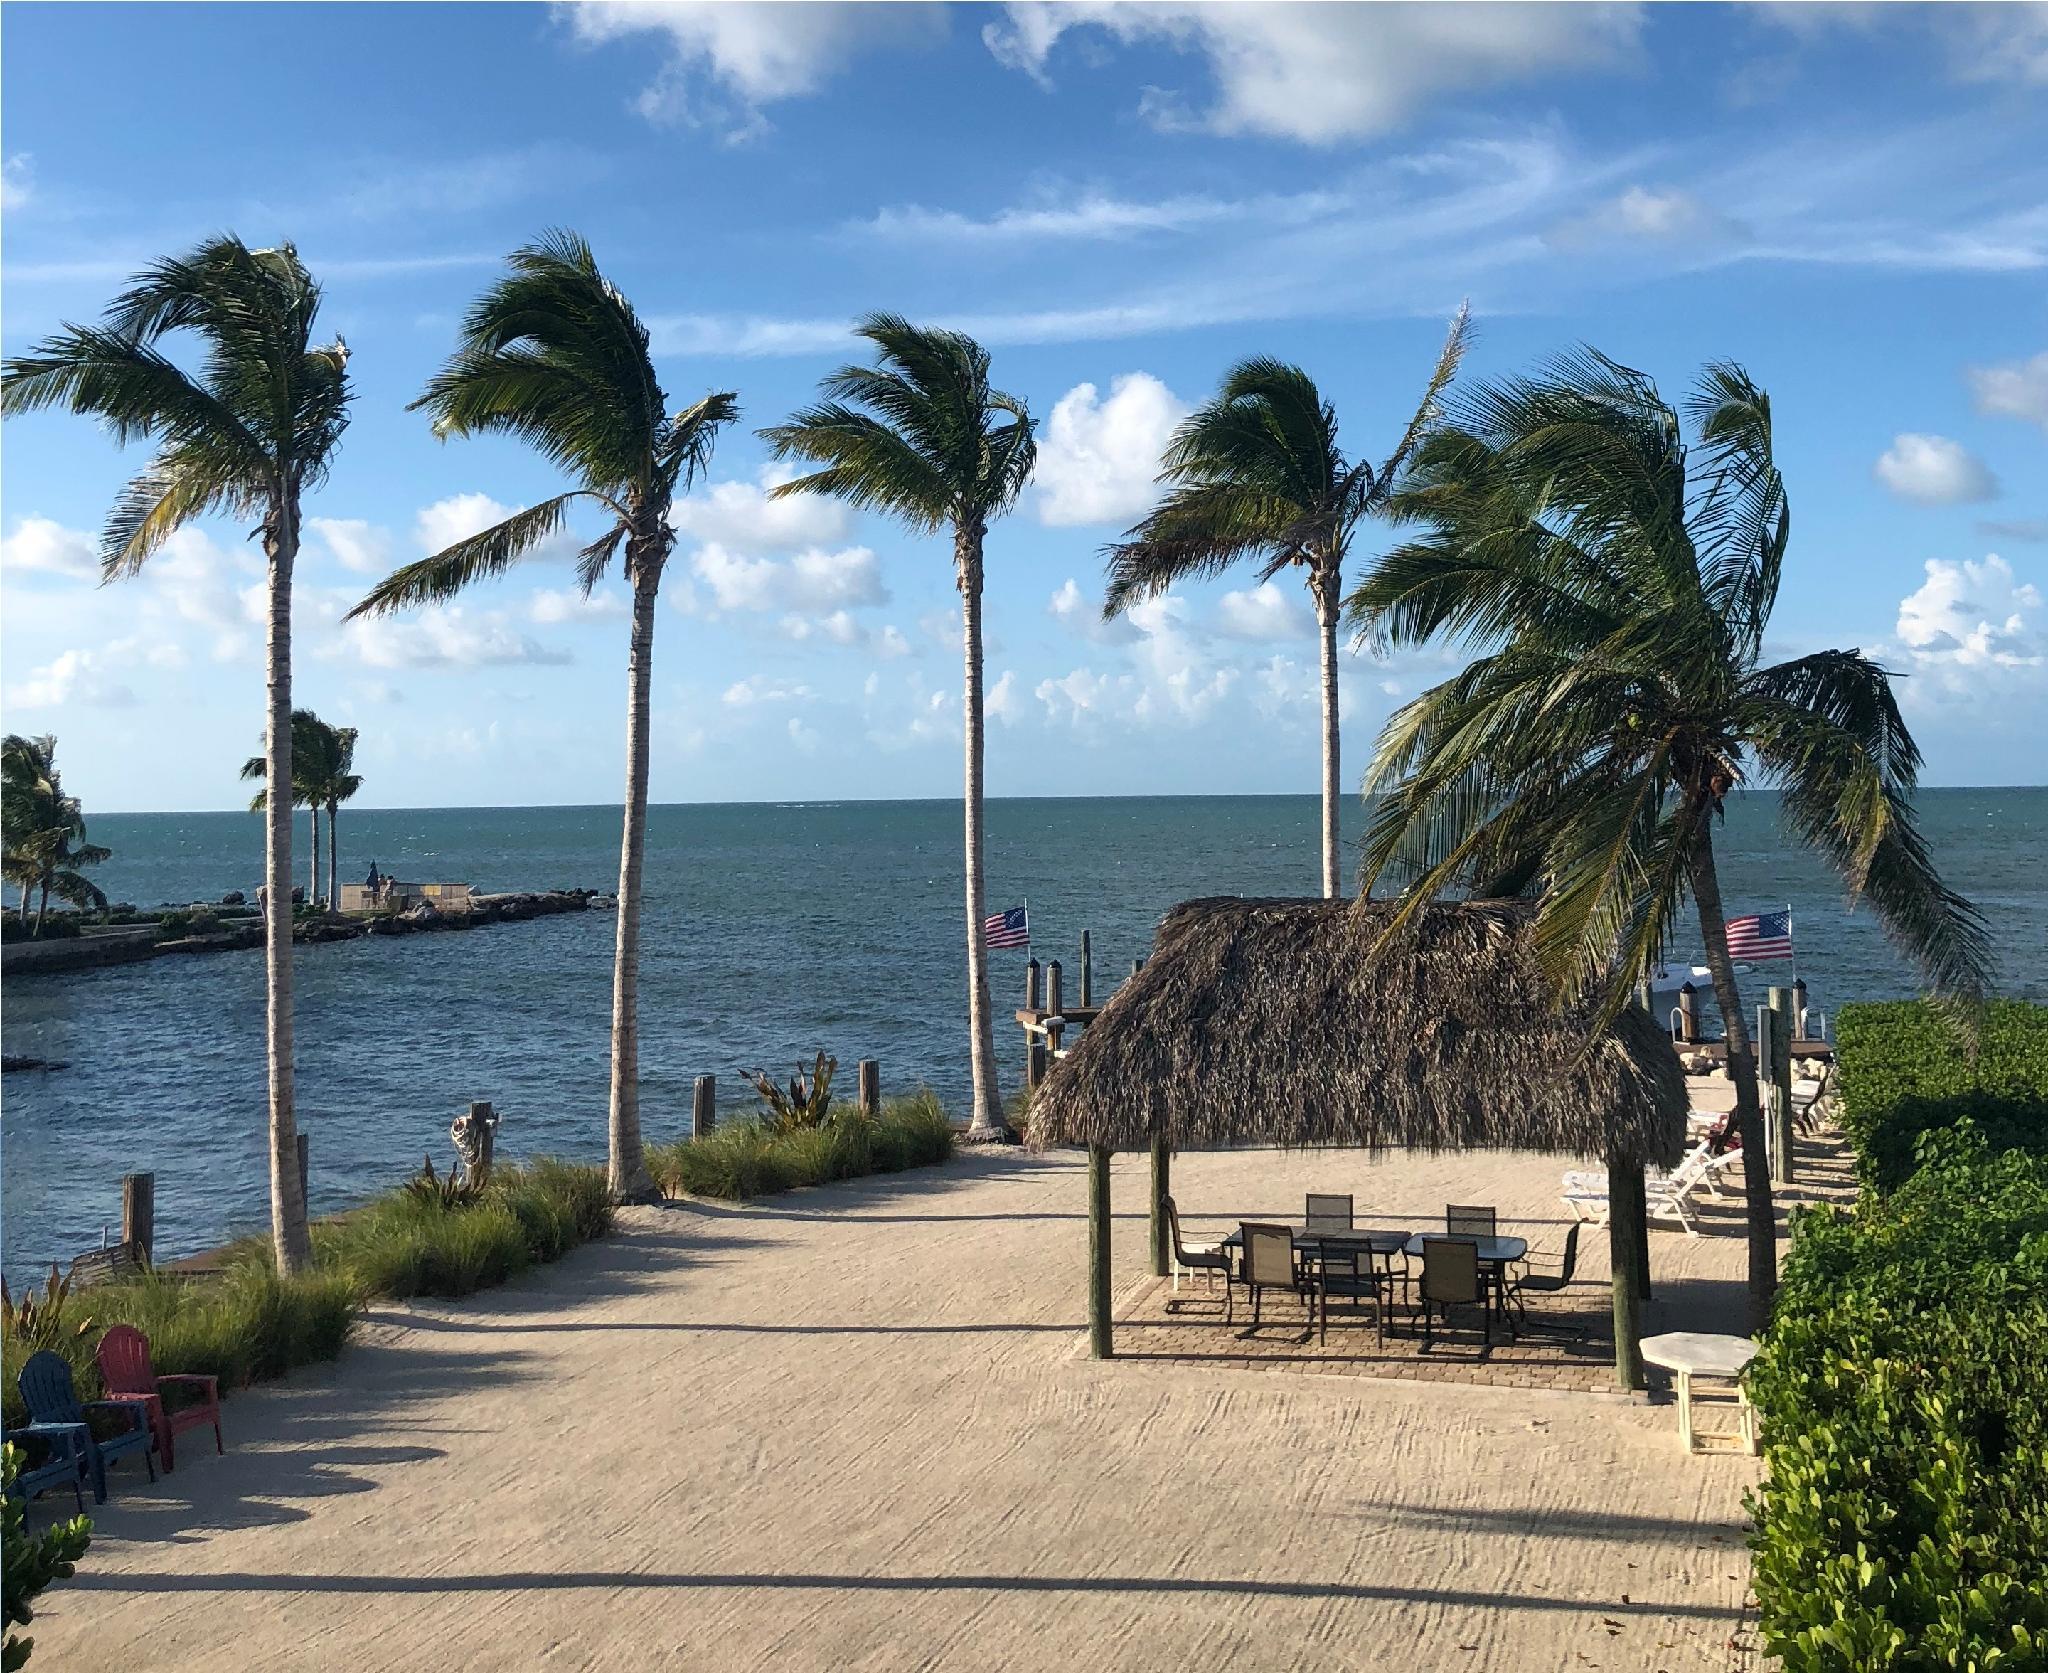 Keys Cove Beach & Dock